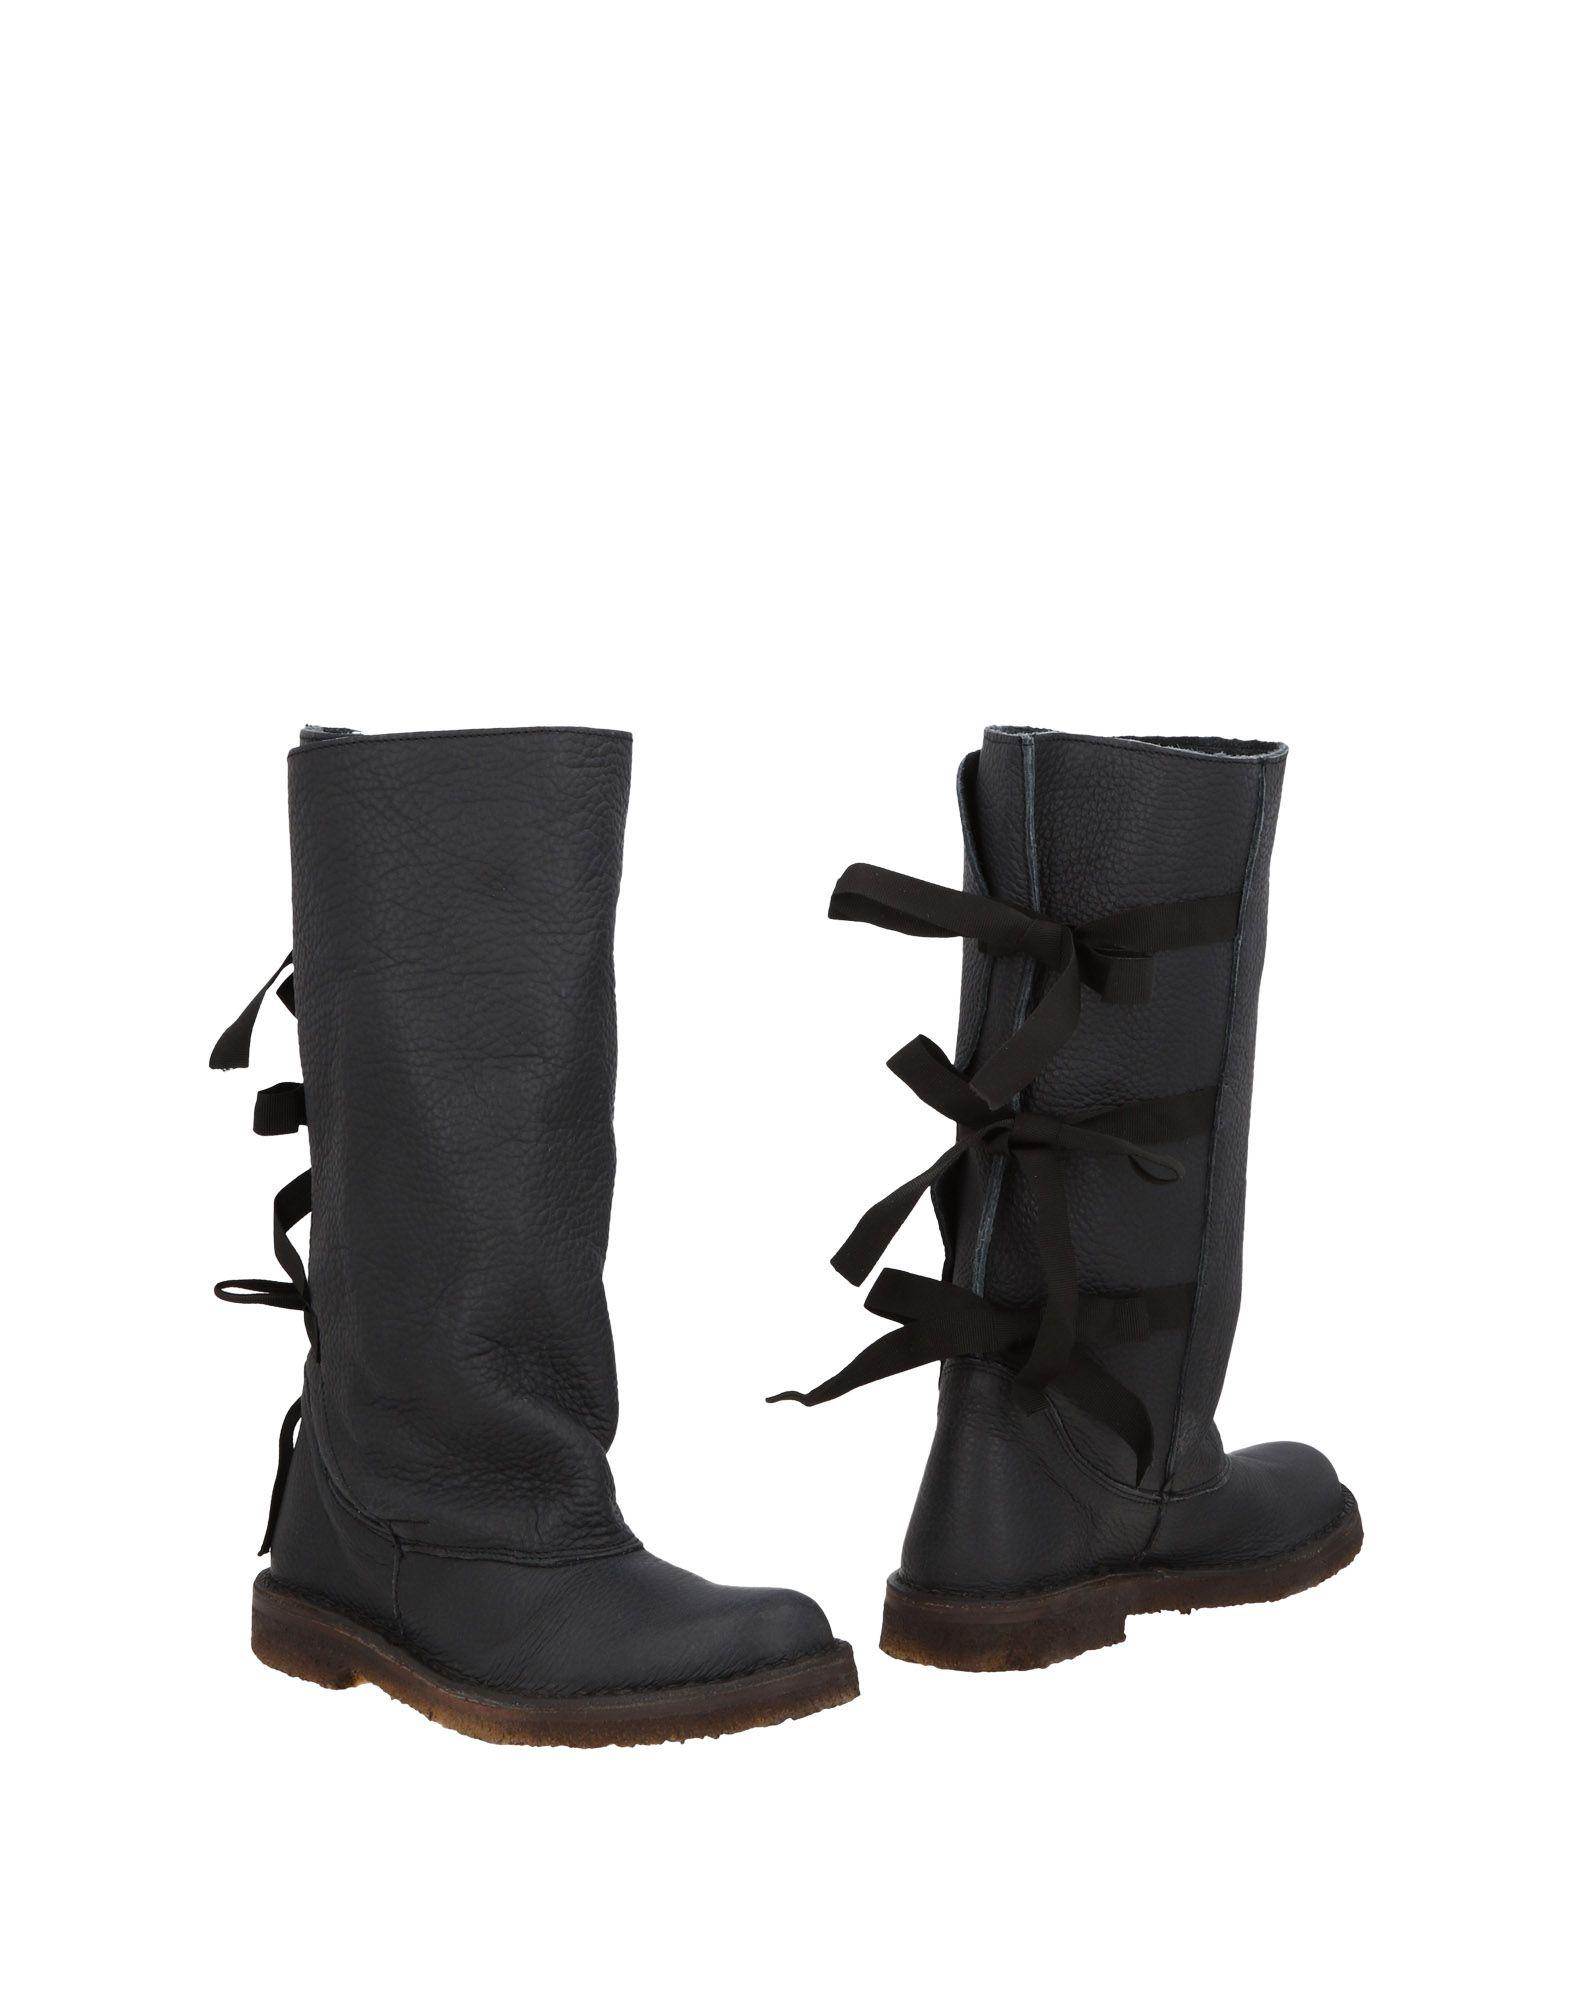 Weg Boots Boots - Women Weg Boots Weg online on  United Kingdom - 11471968VM 4938d6